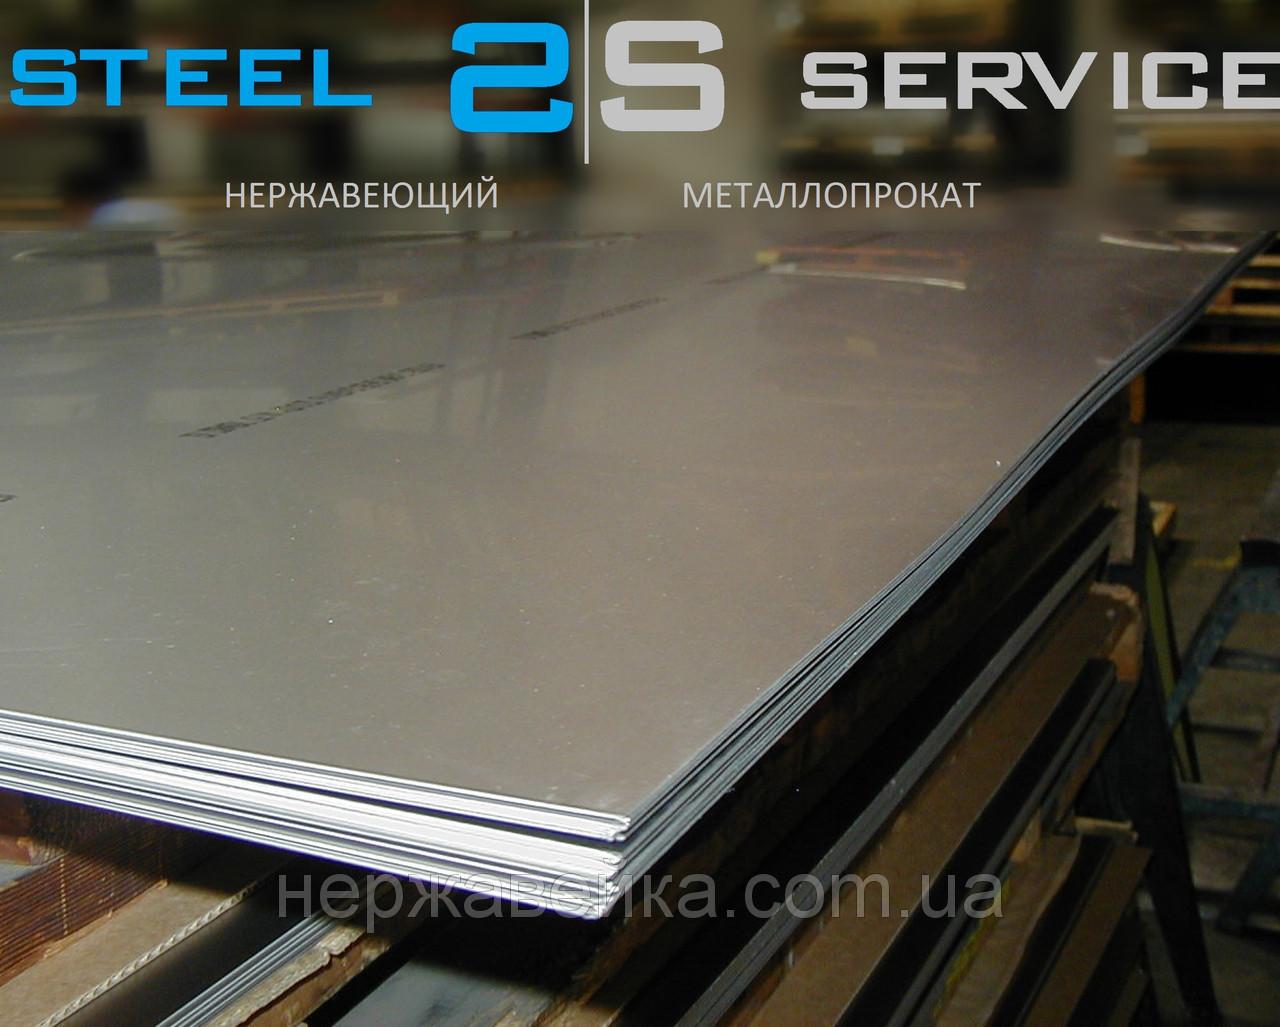 Нержавейка лист 60х1500х3000мм  AISI 321(08Х18Н10Т) F1 - горячекатанный, пищевой